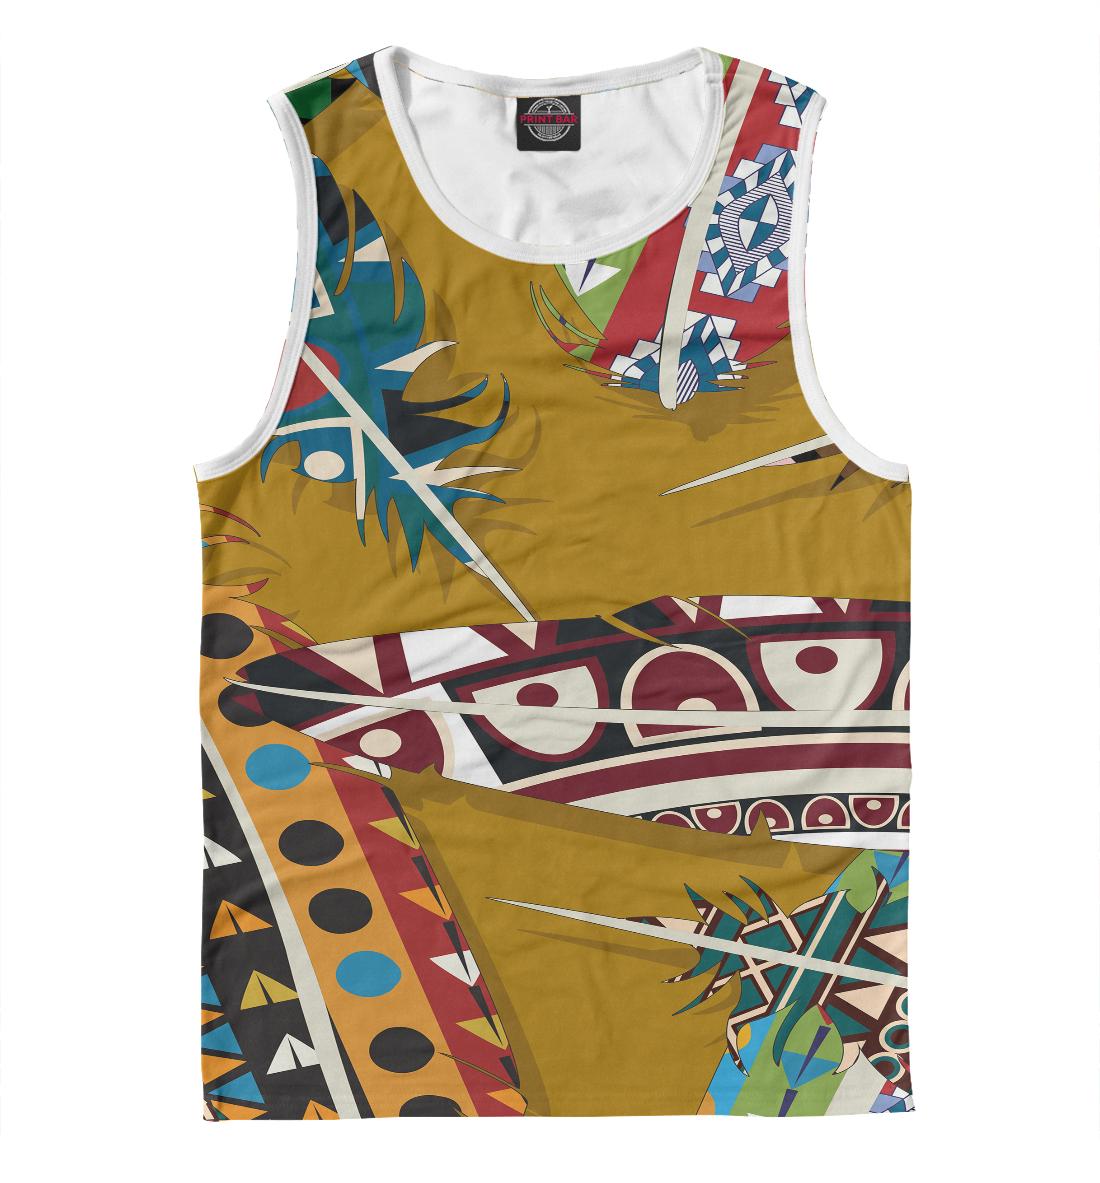 Купить Африканский стиль, Printbar, Майки, BCH-268265-may-2